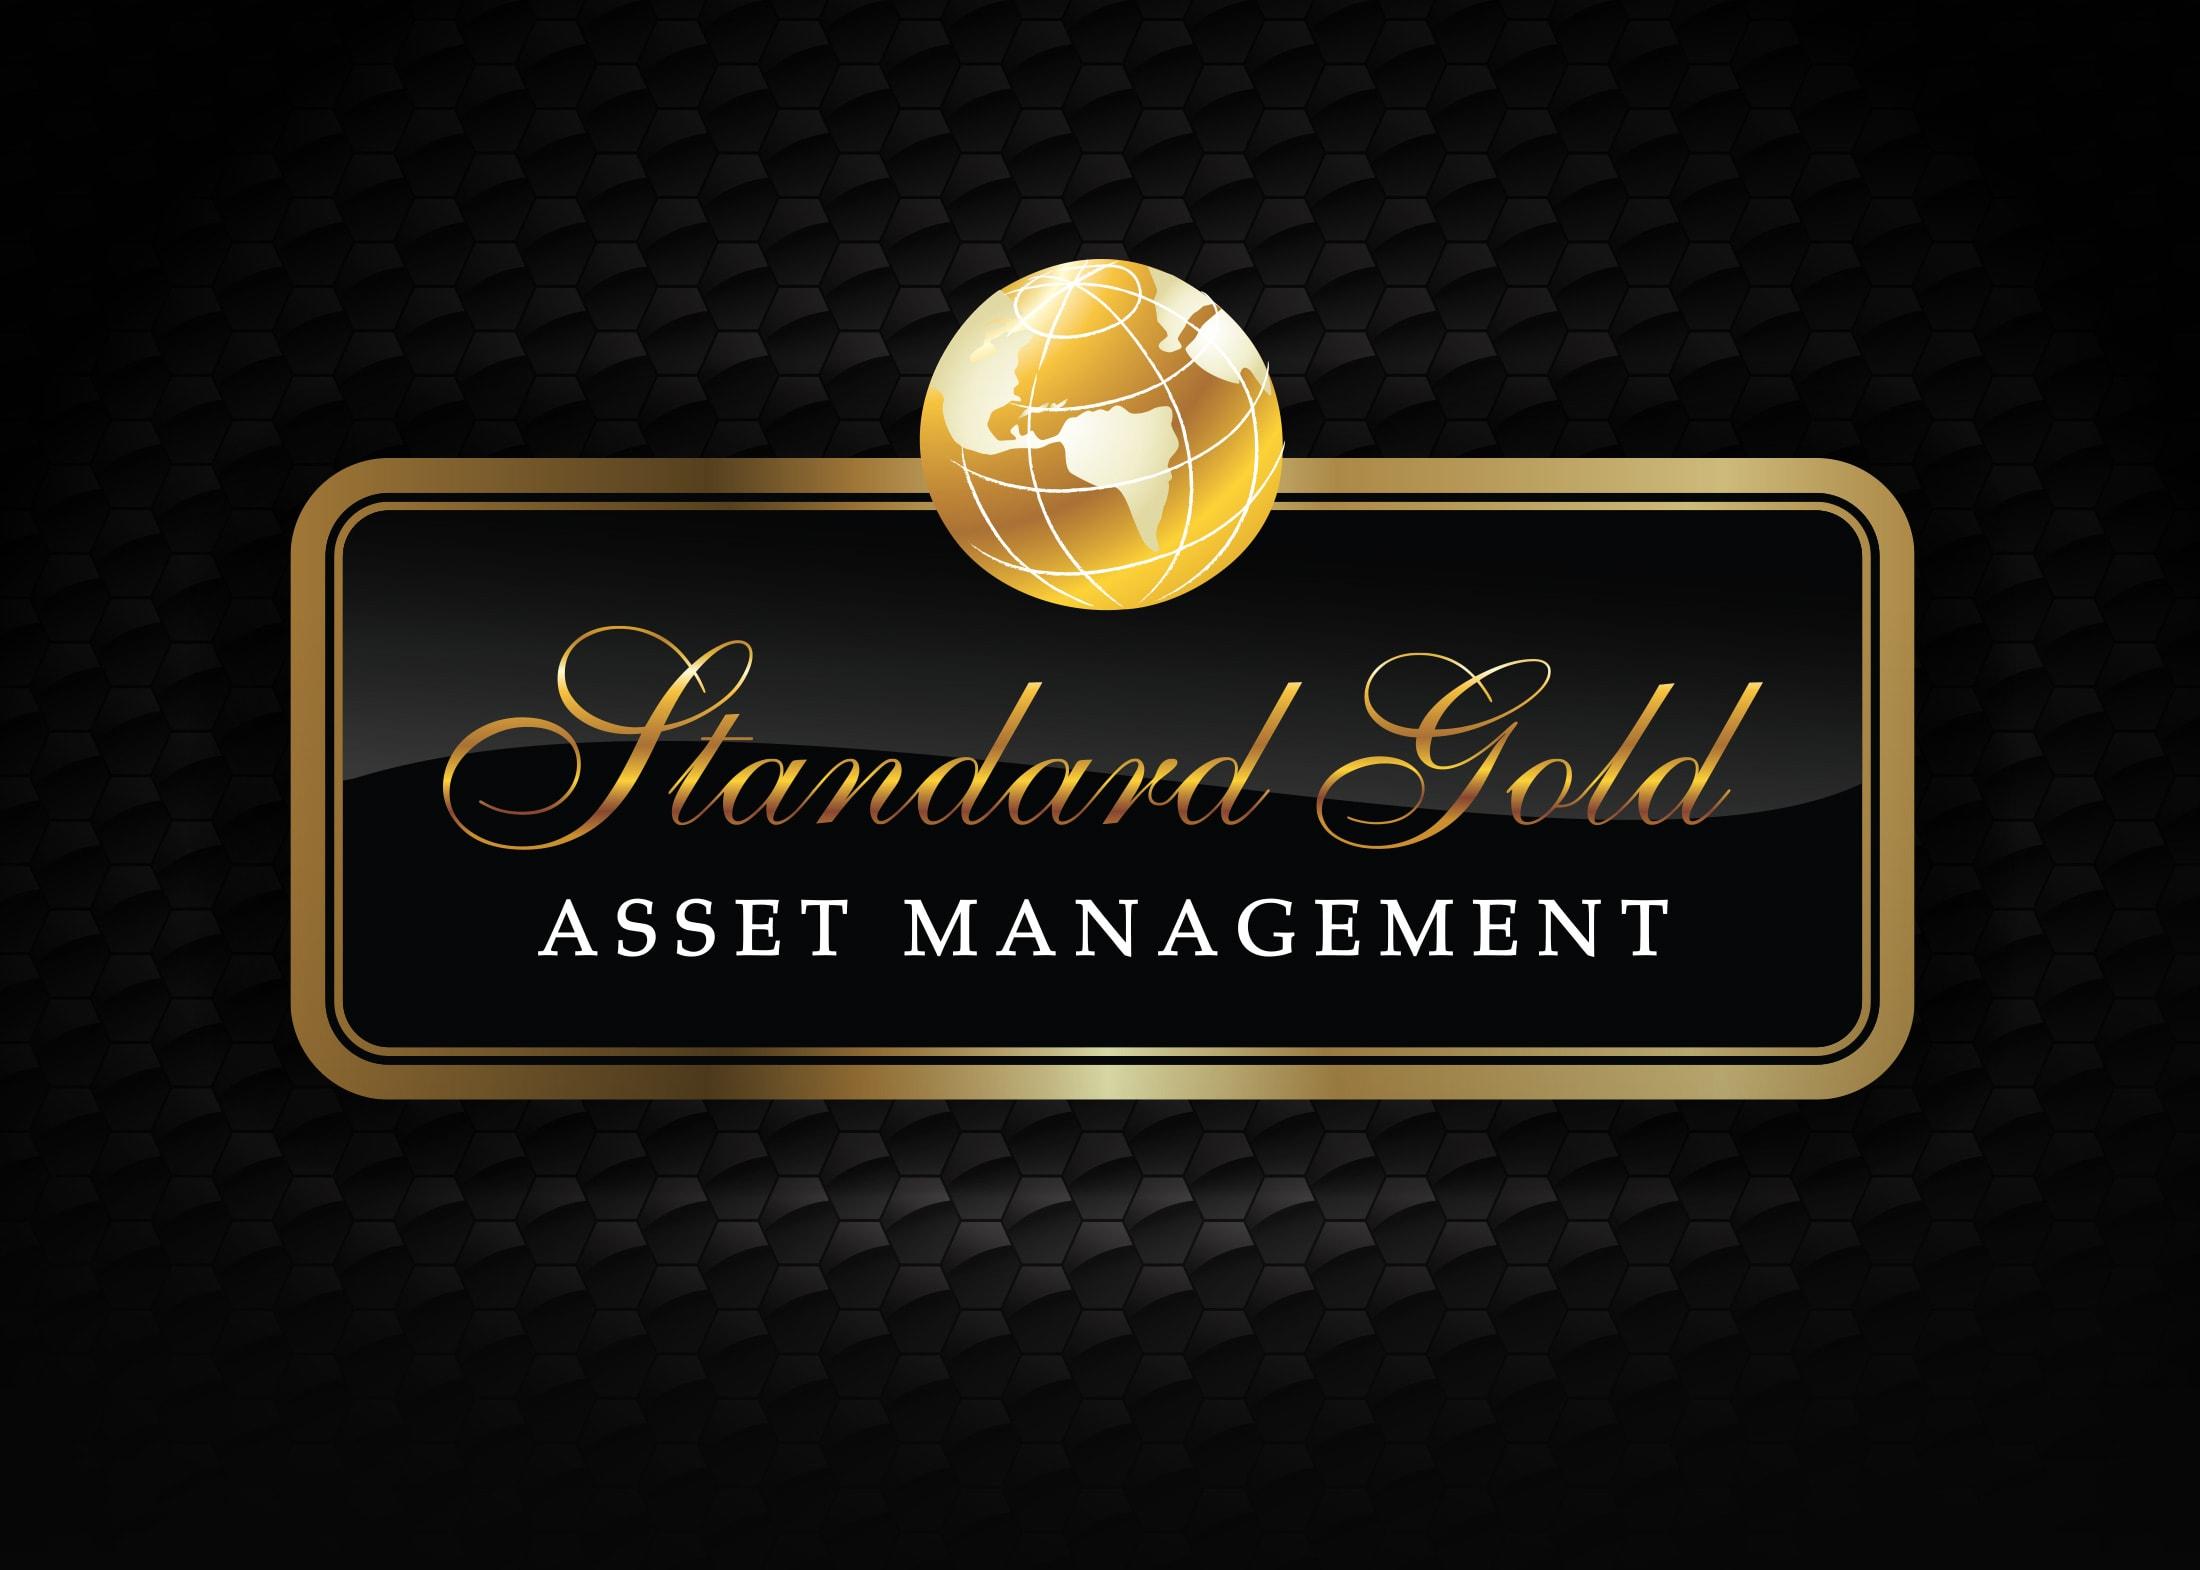 standard-gold-asset-management-main-logo